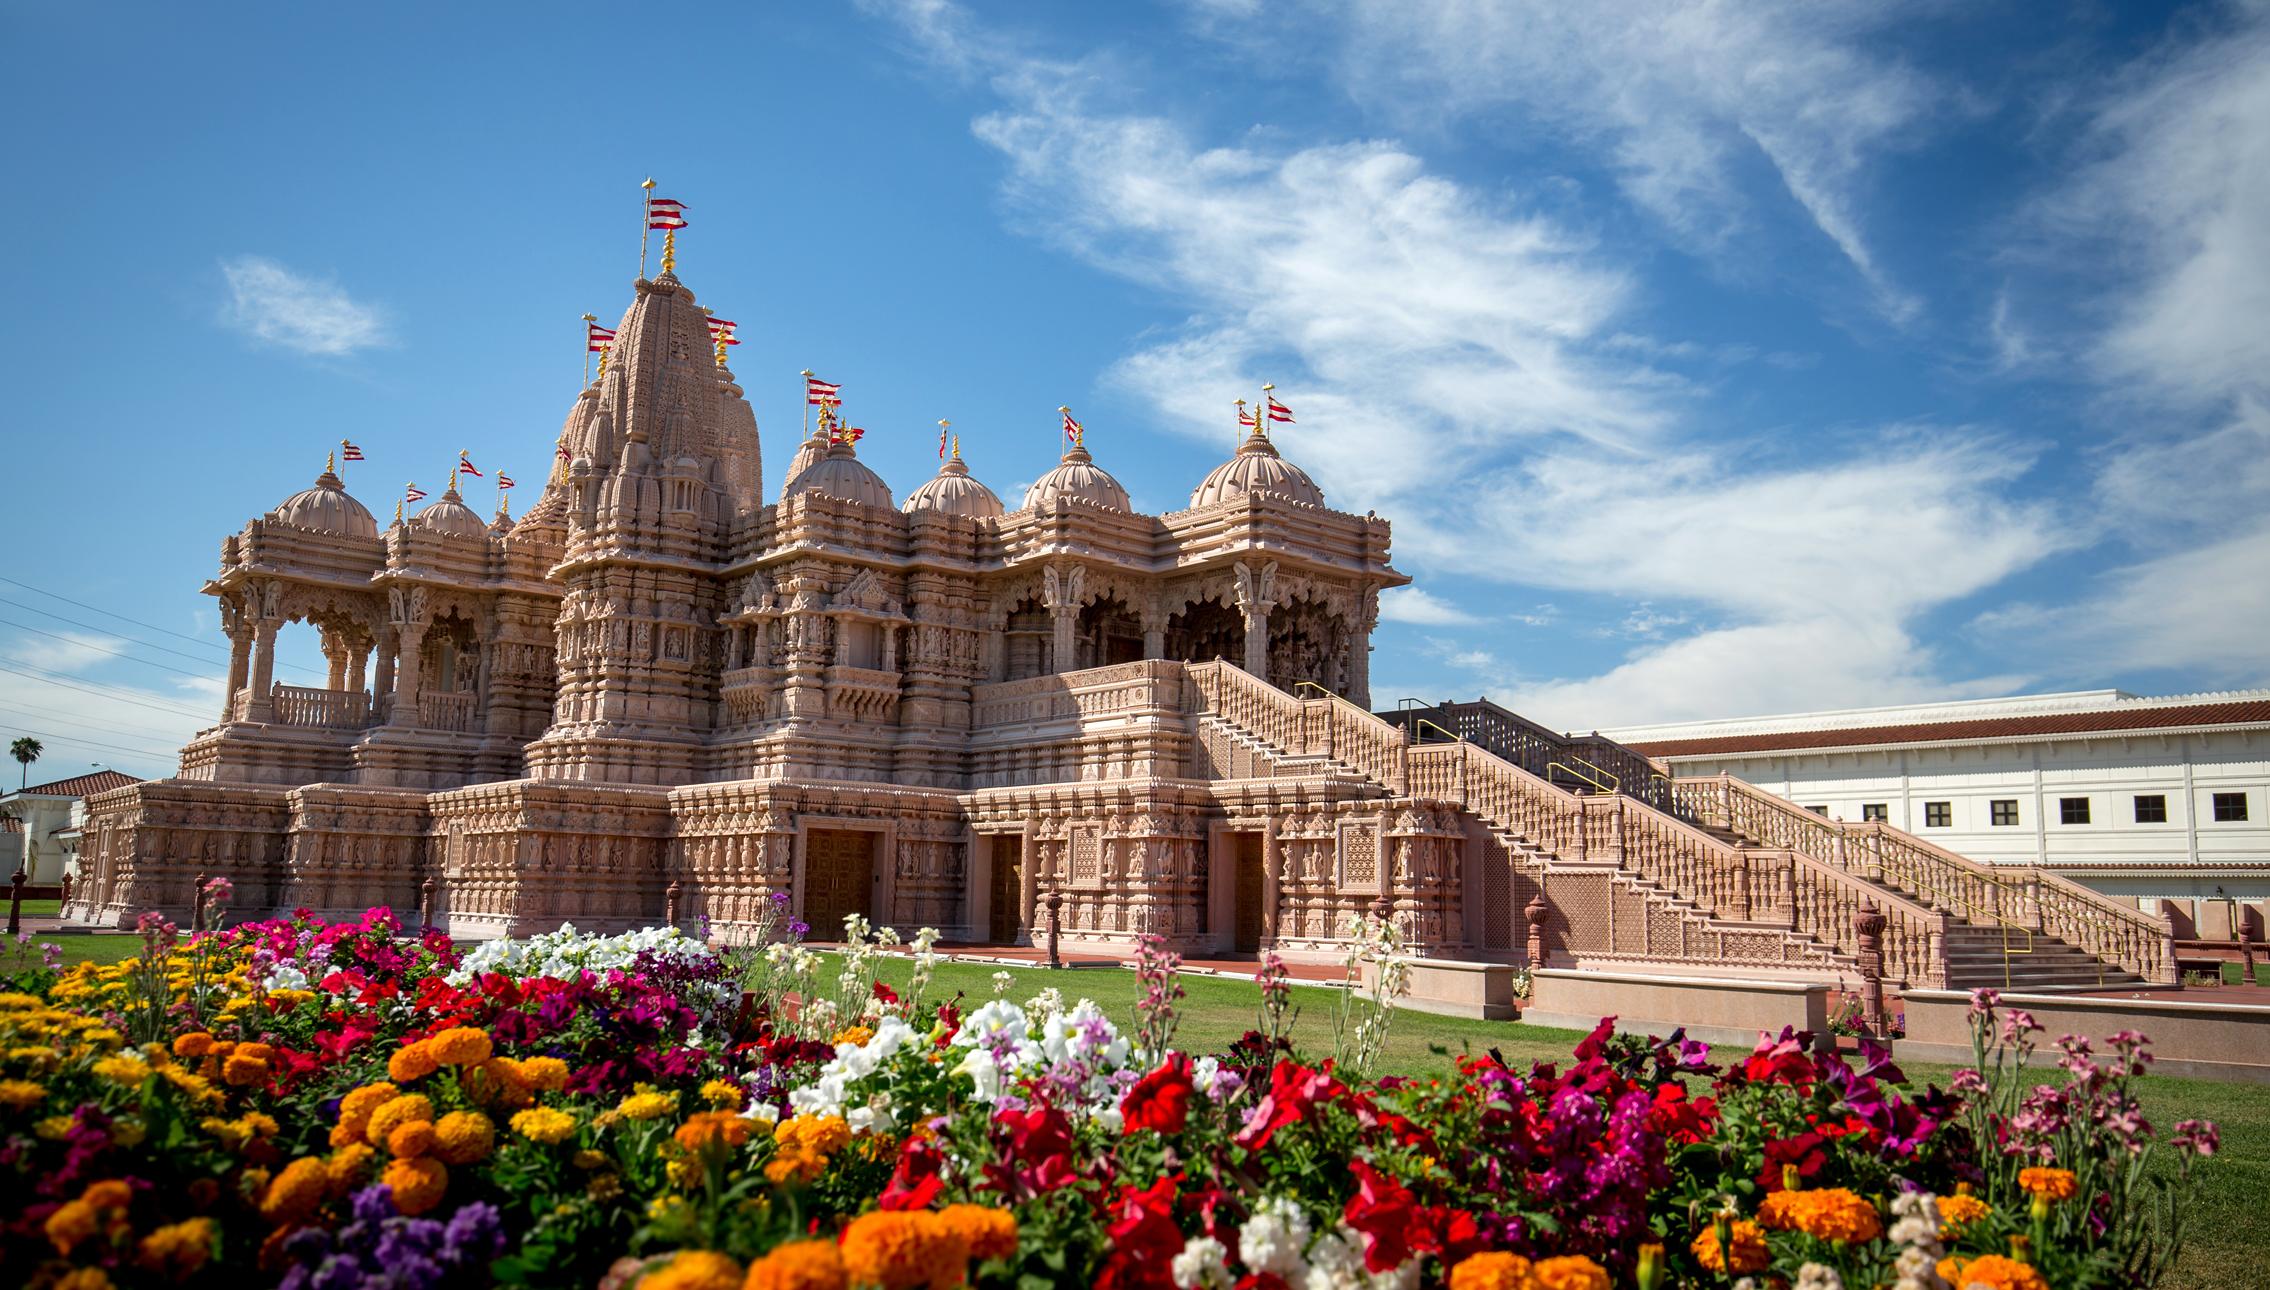 BAPS Shri Swaminarayan Mandir 4bfaeab122